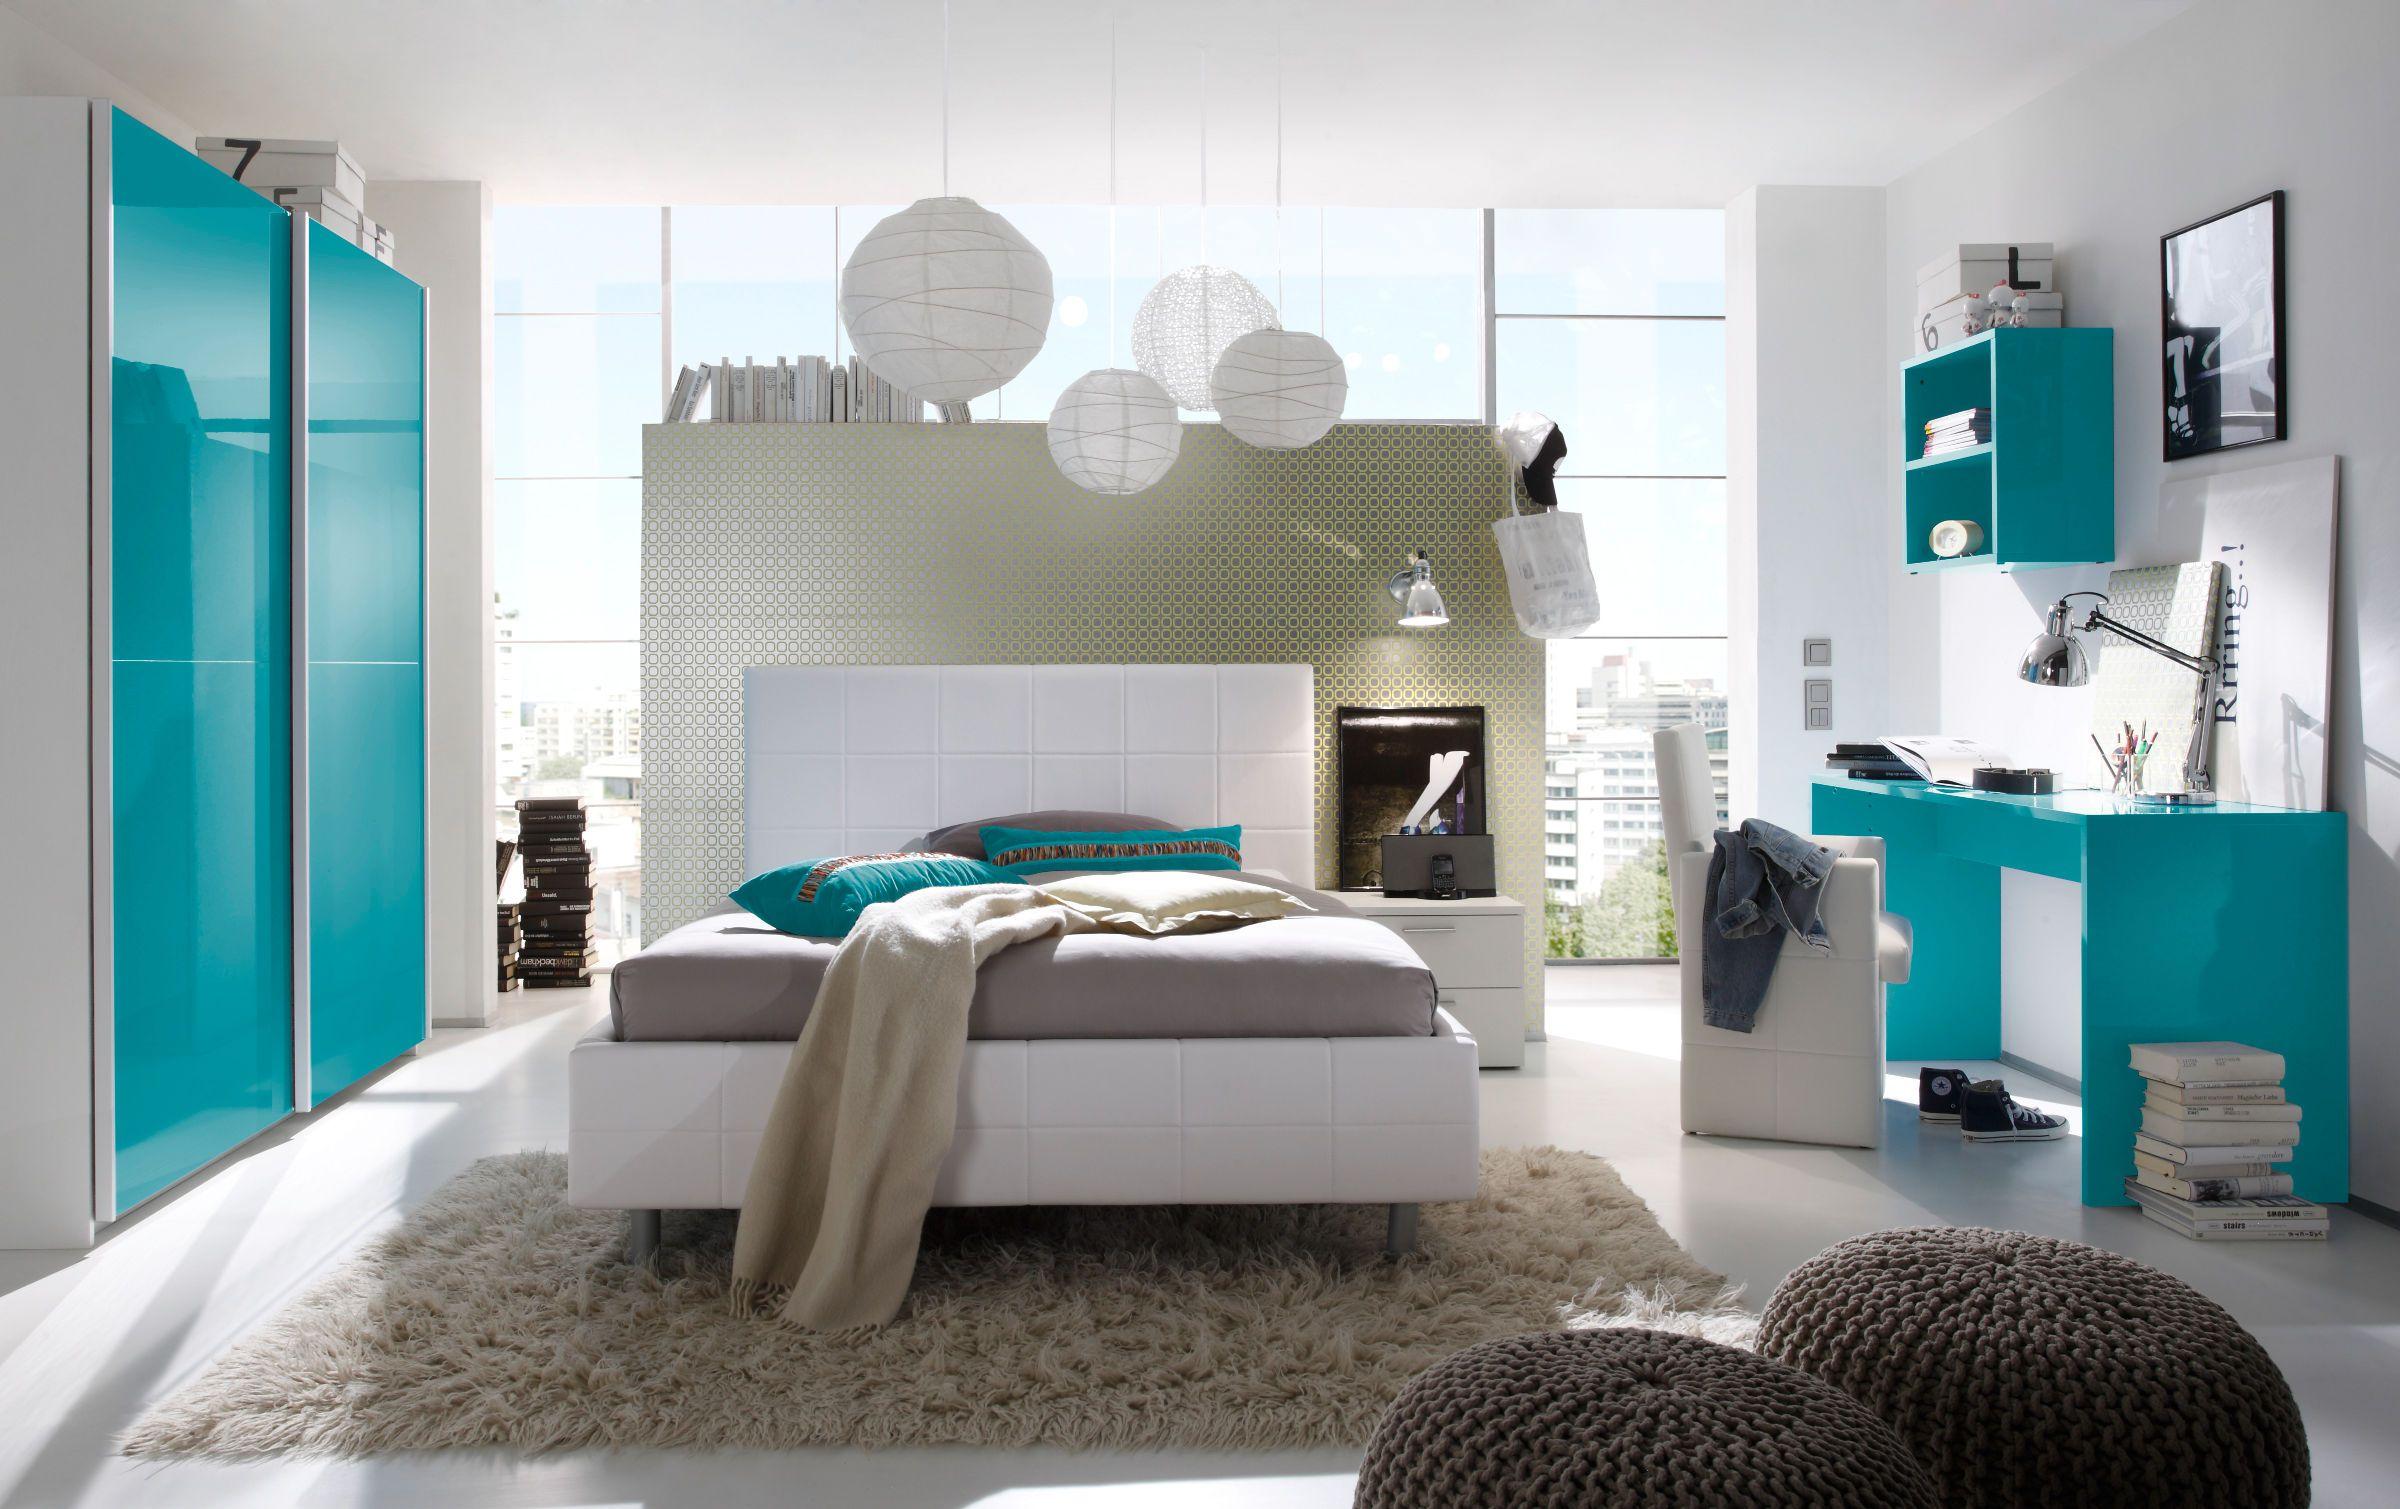 Schlafzimmer in turkis - Turkis im schlafzimmer ...